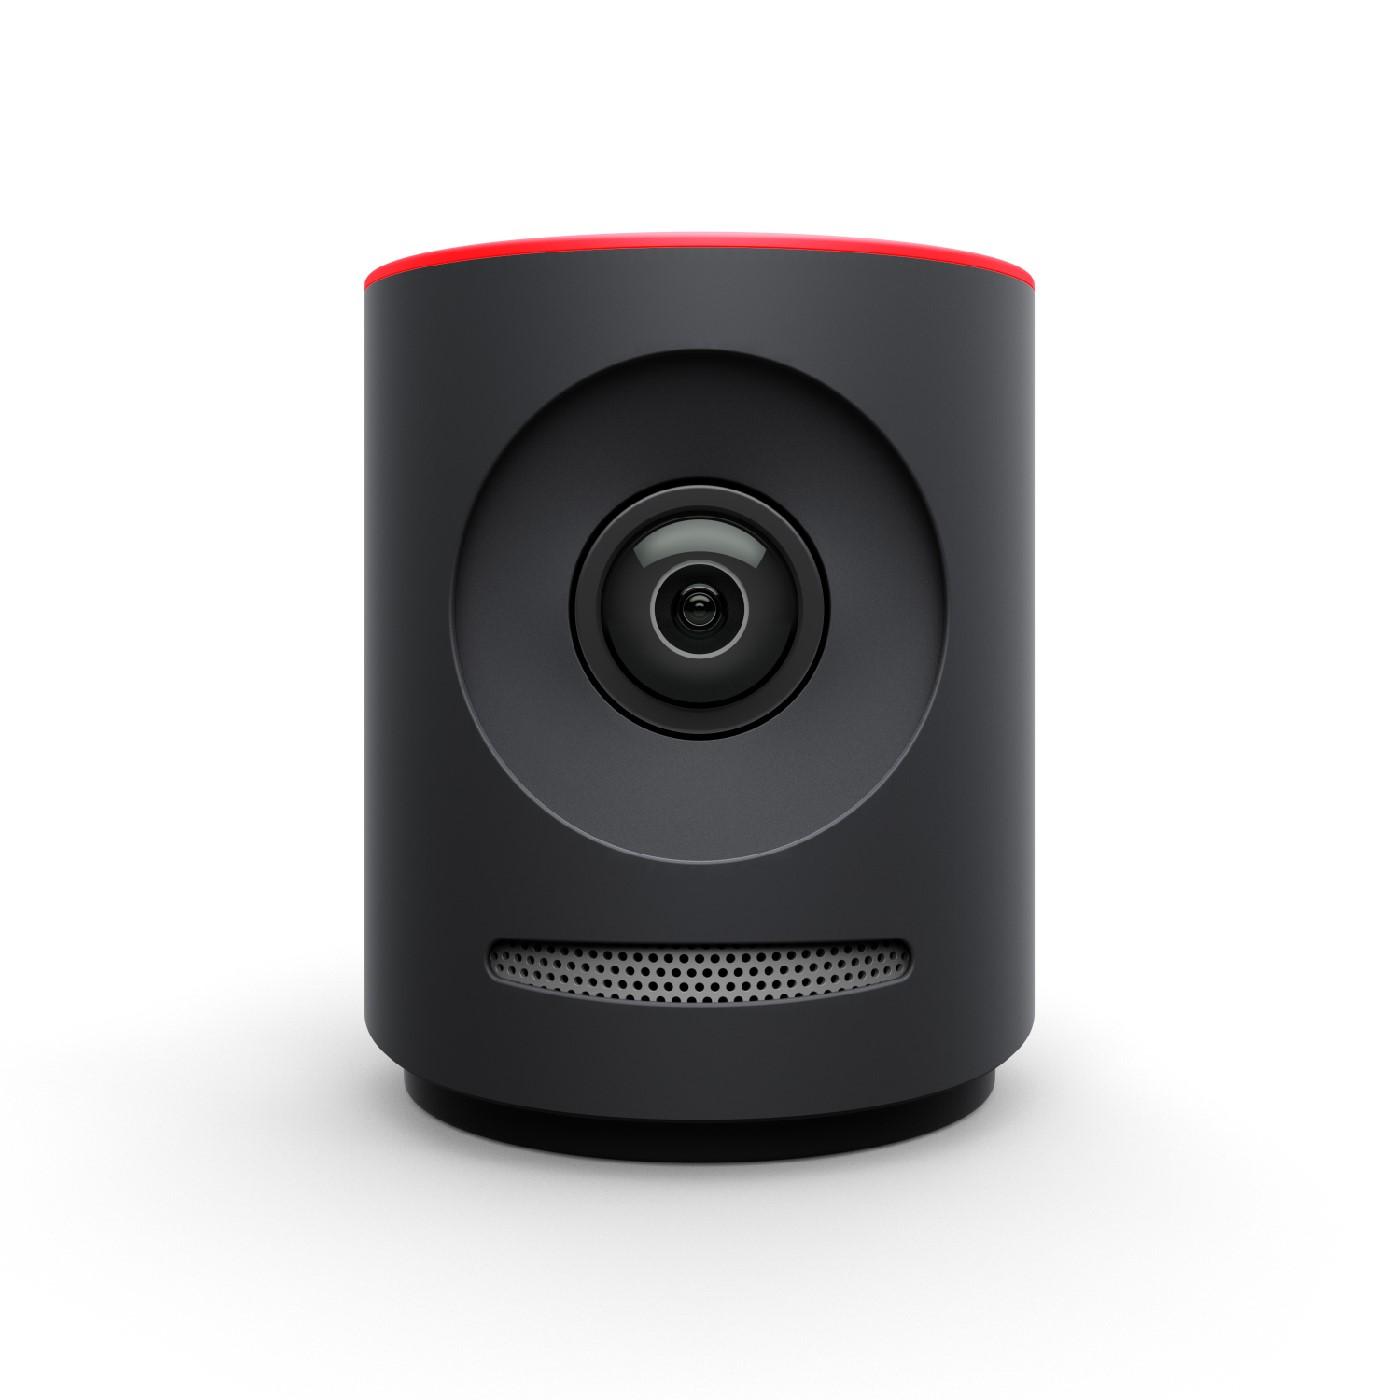 Mevo Plus video camera